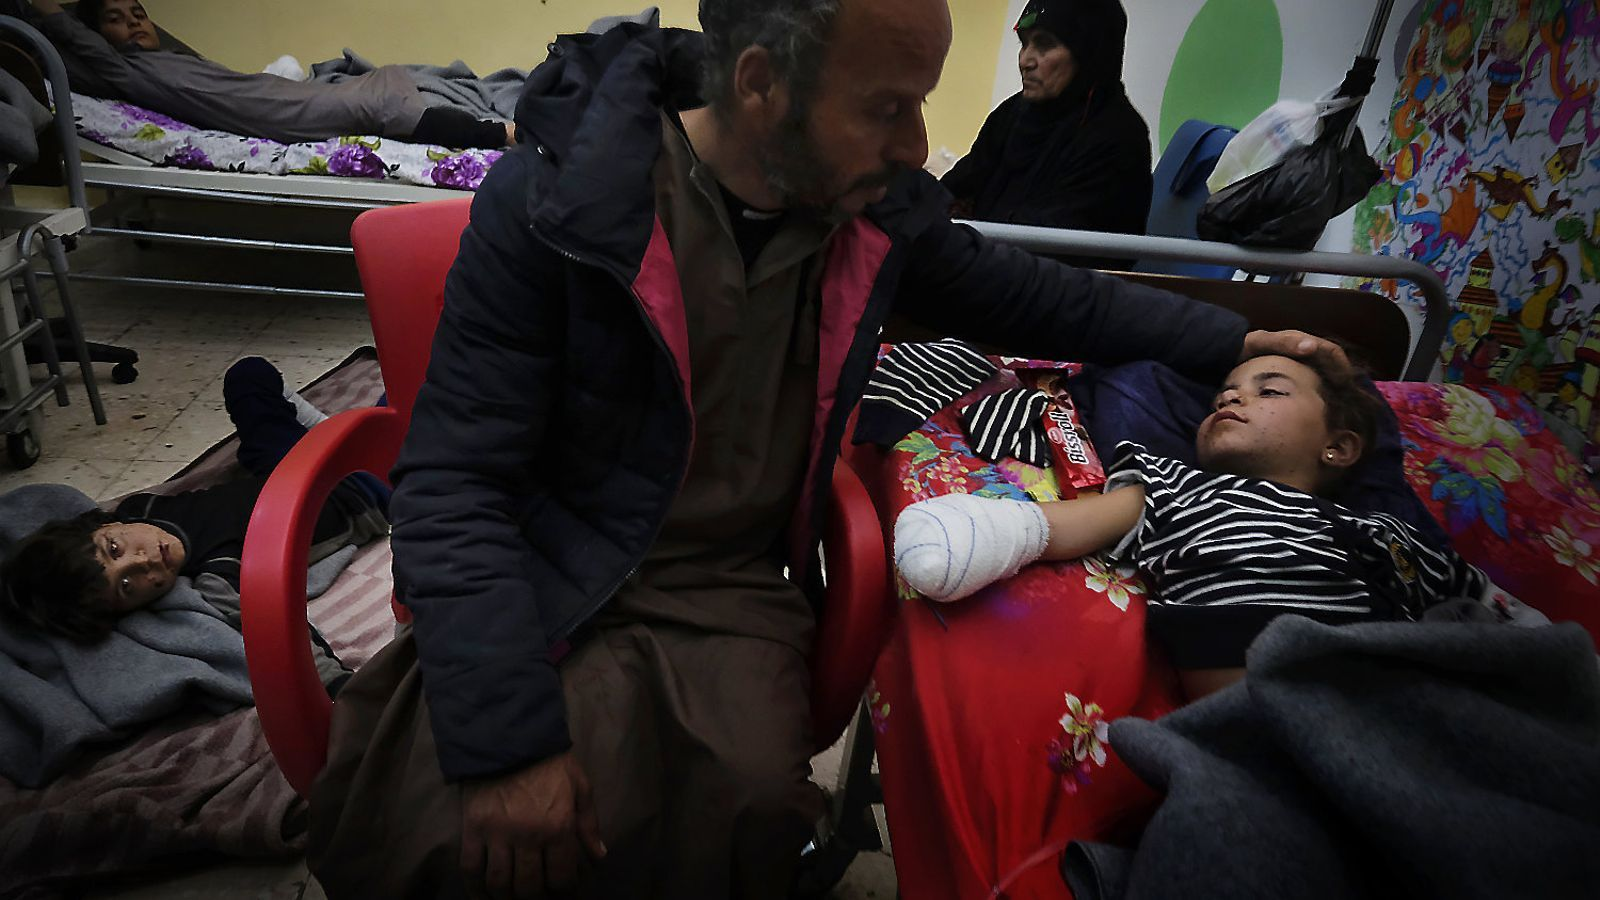 La nova guerra de Raqqa:  el malson de les bombes trampa